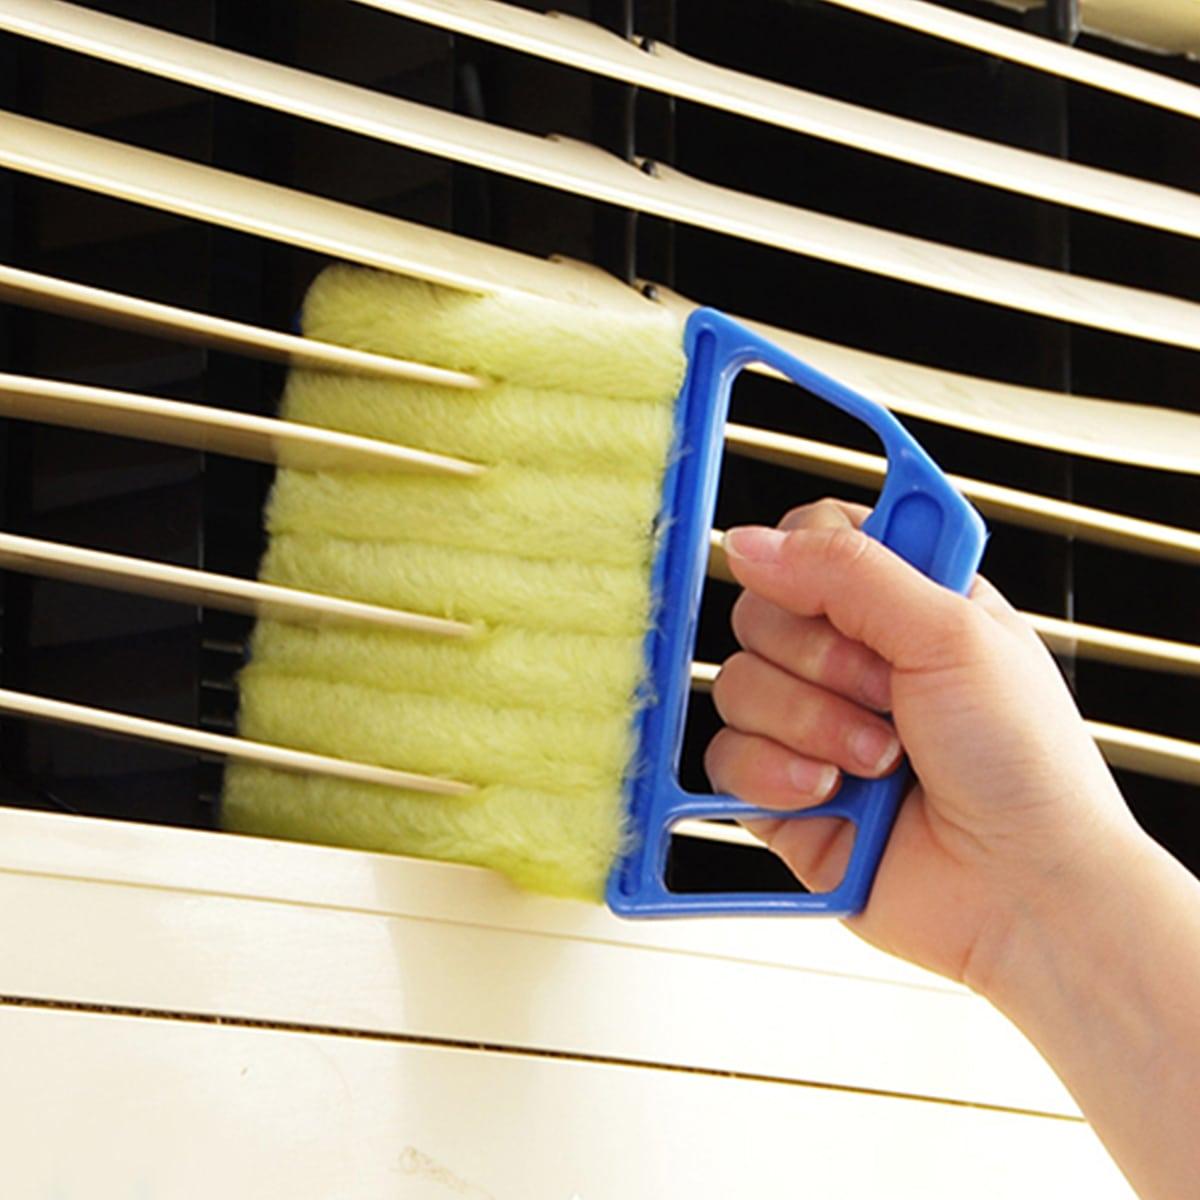 1pc Venetian Blind Cleaning Brush